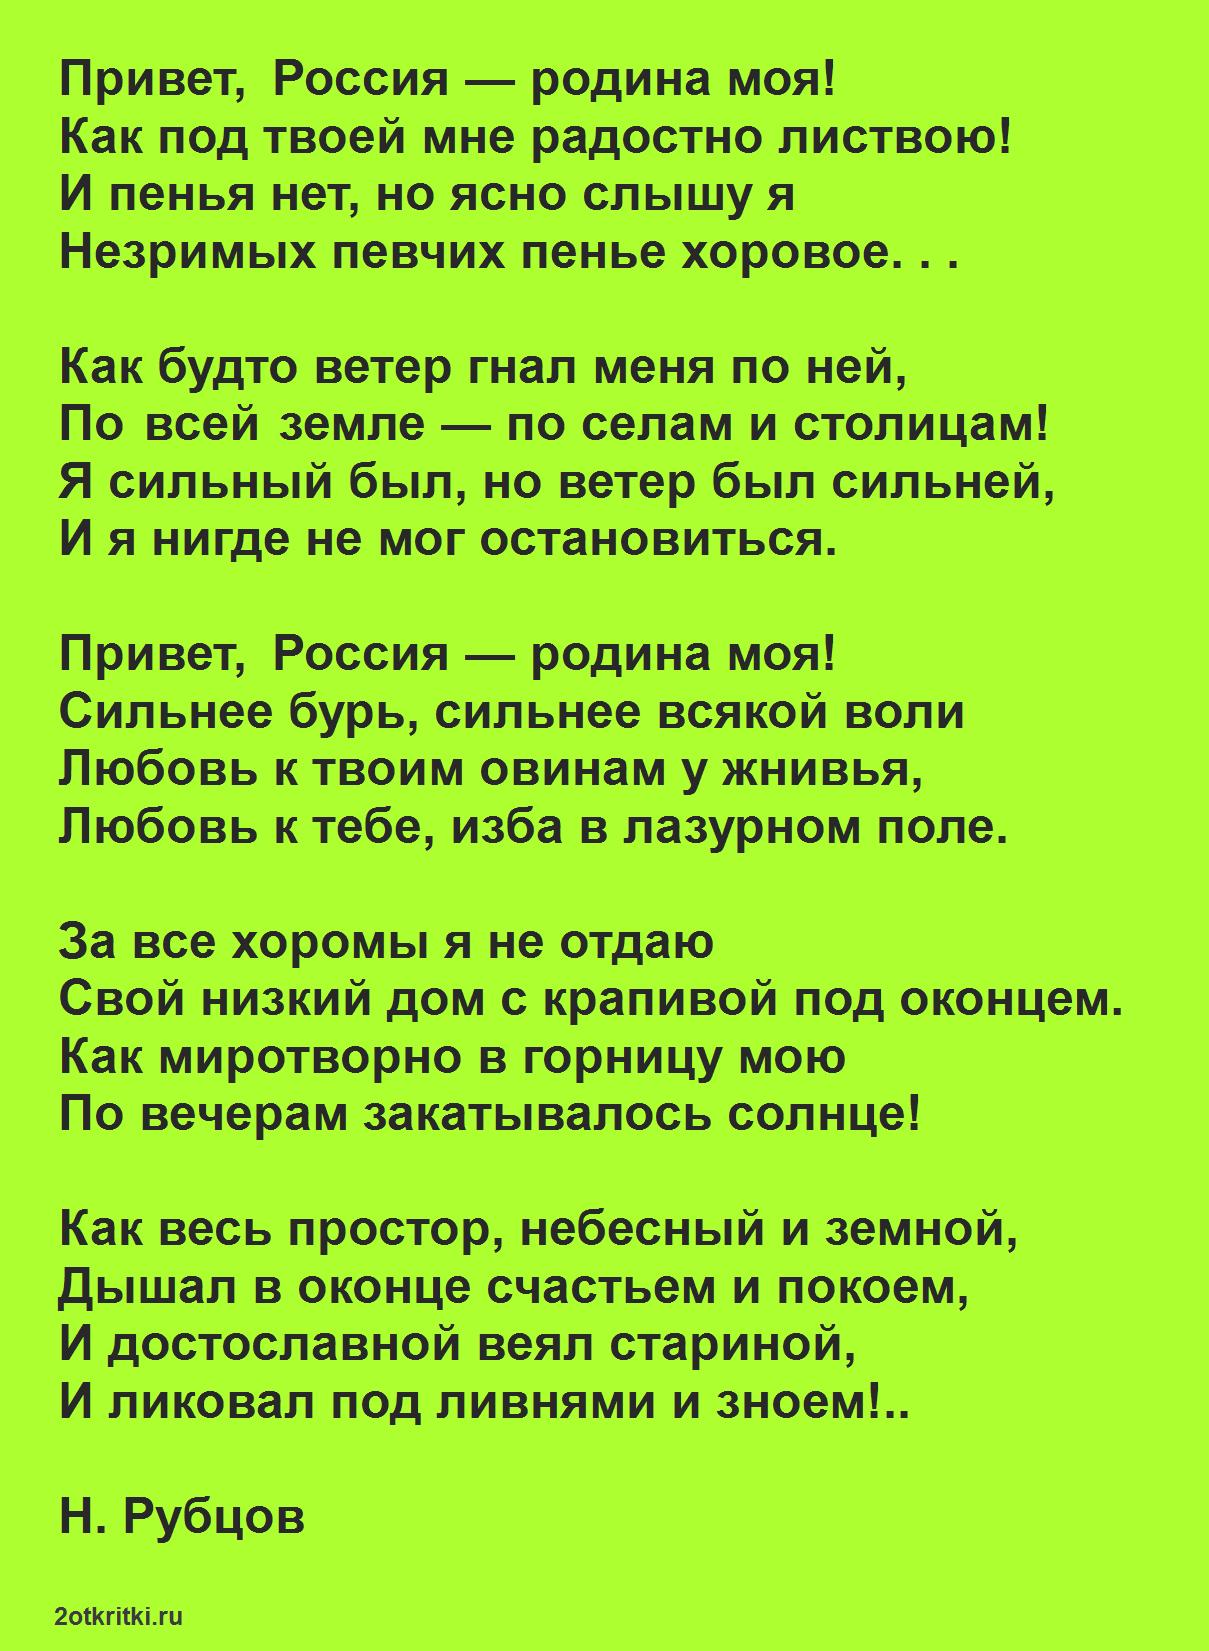 Поздравления с днем России - 12 июня, стихи